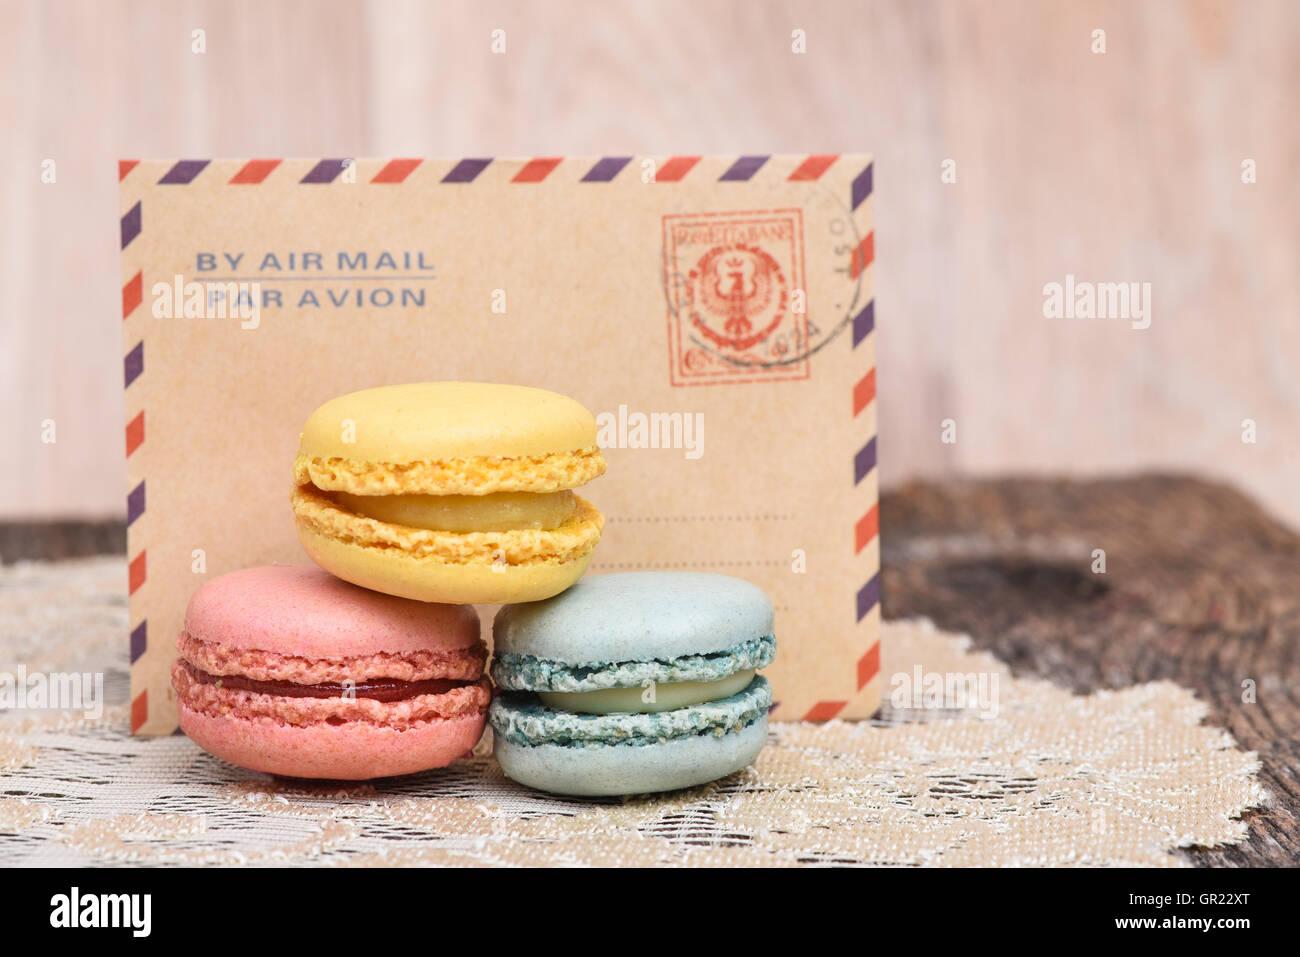 Macarons vor Vintage Umschlag mit Par Avion oder Luftpost Stockbild